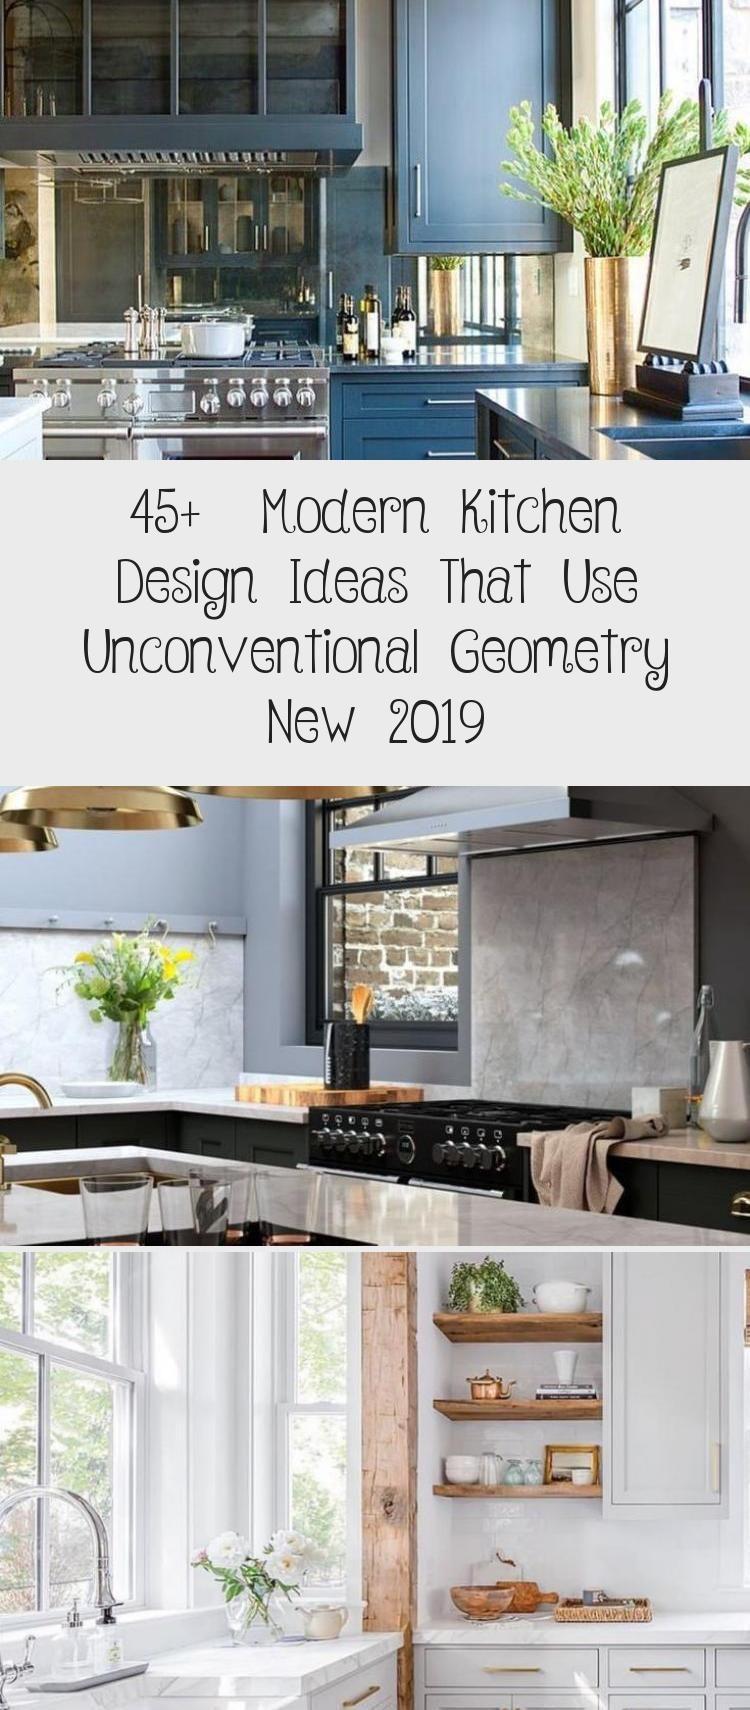 45 Modern Kitchen Design Ideas That Use Unconventional Geometry New 2019 Kitchen Decor In 2020 Modern Kitchen Design Modern Kitchen Kitchen Design